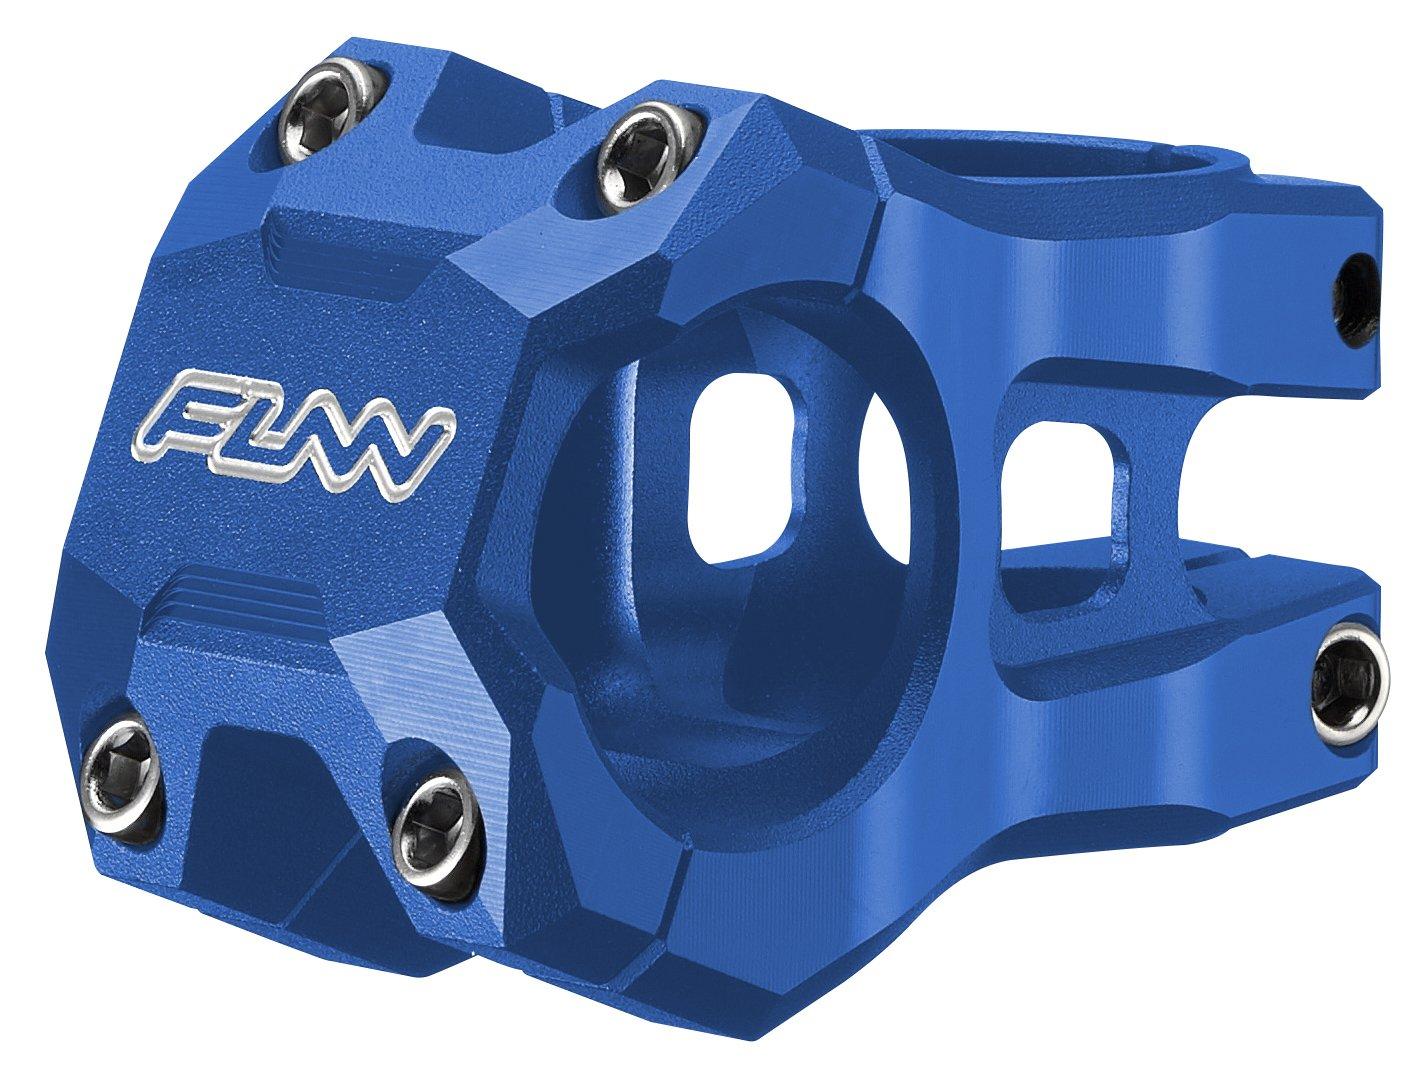 Funn Strippa Evoステム(ø31.8 mm) B076X2SS7C レッド|45.0 ミリメートル レッド